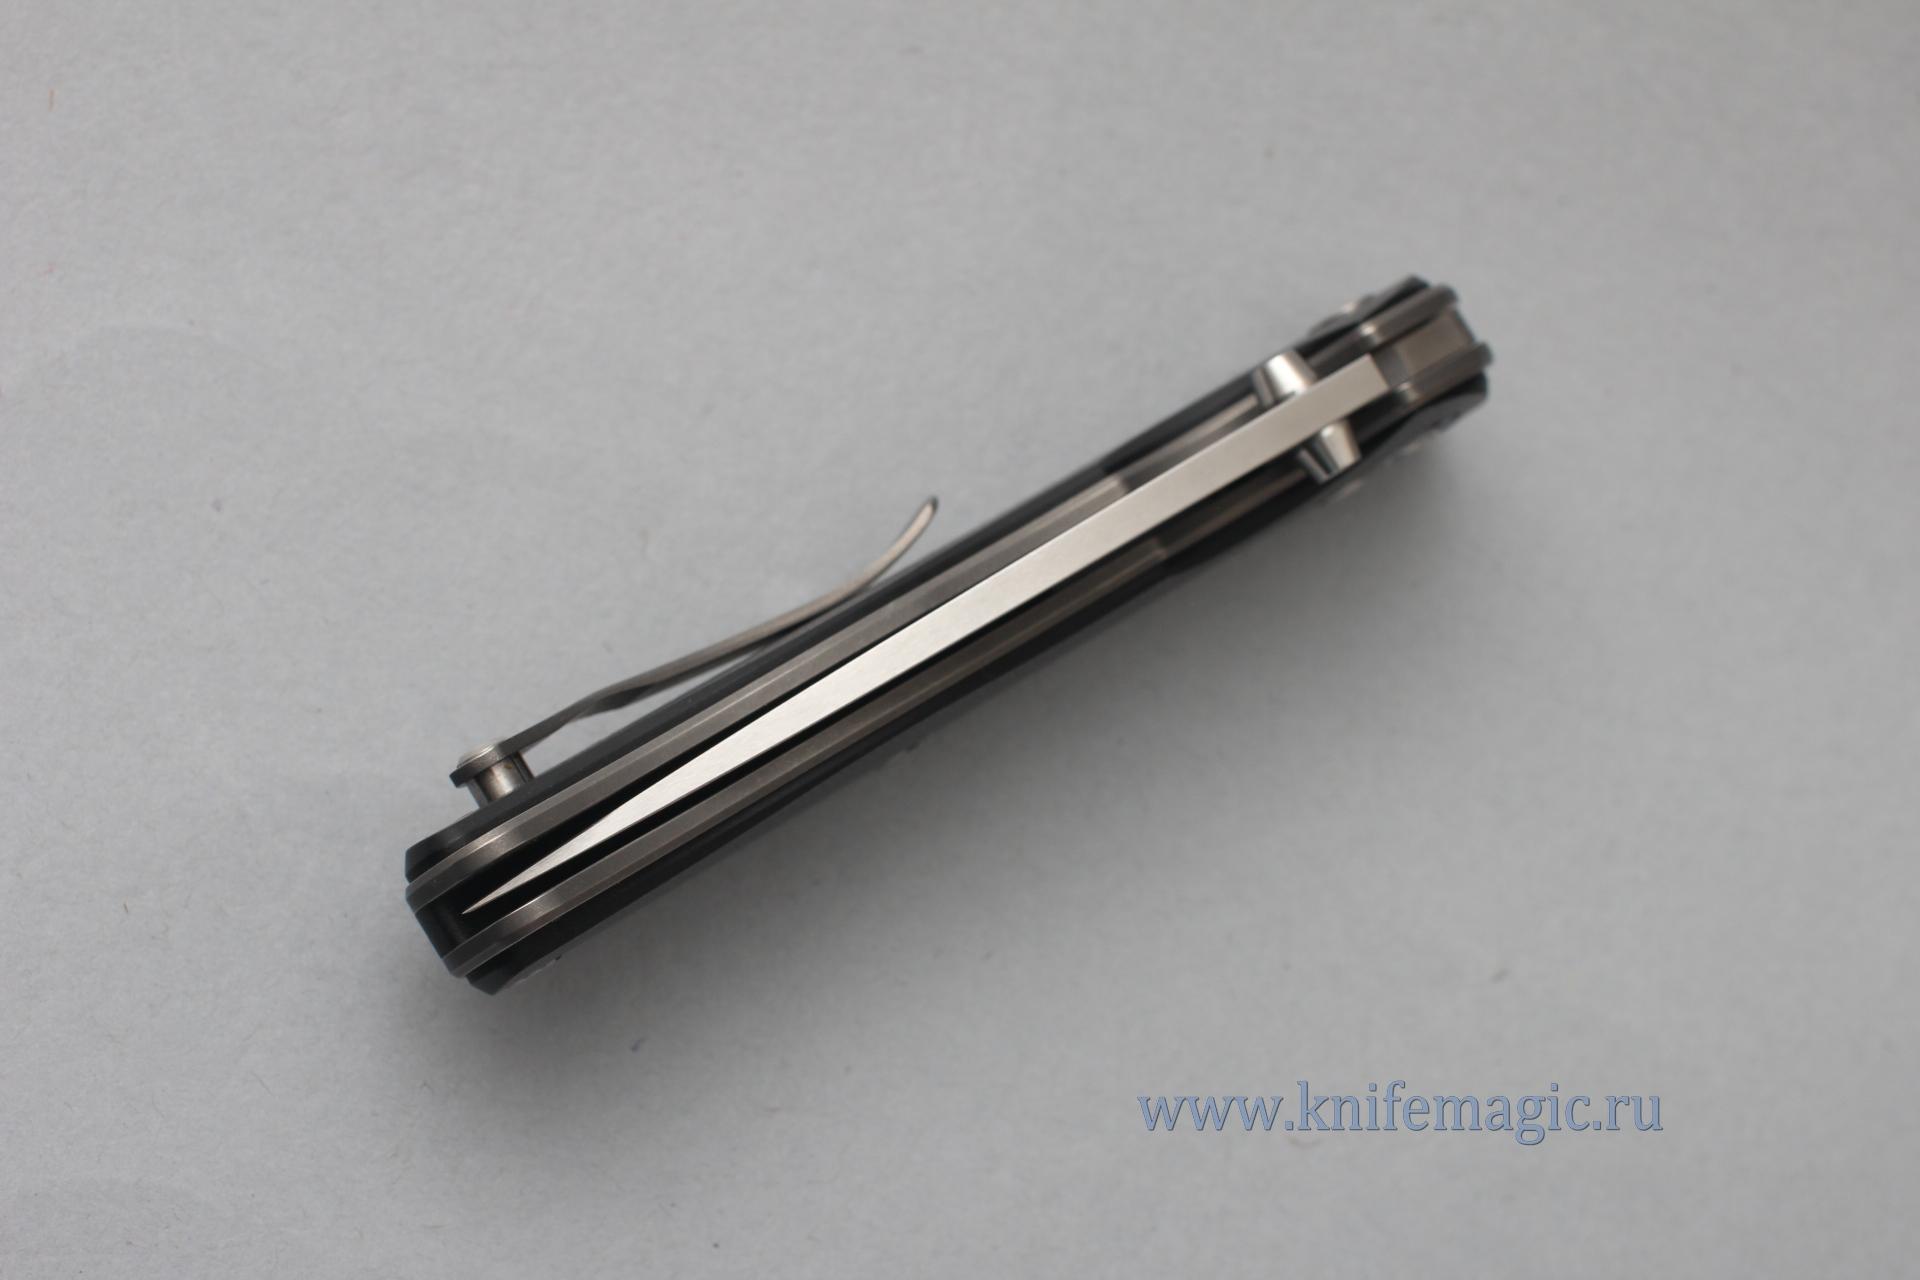 Нож Широгоров Табарган 100NS vanax 35 G10 черная - фотография